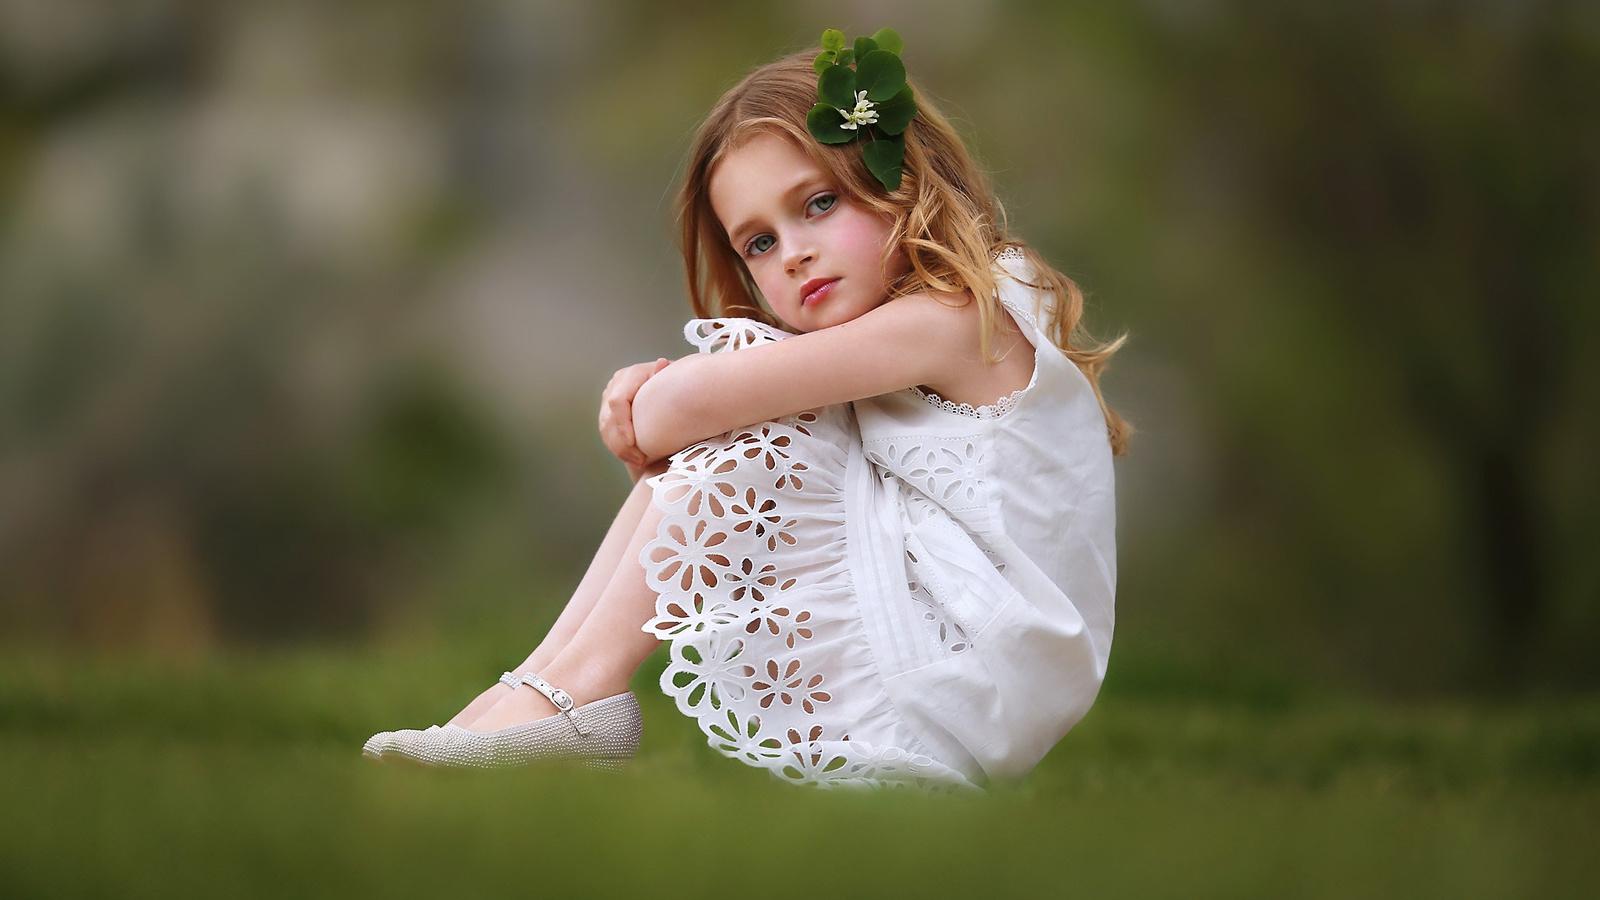 Фото картинки, красивые картинки для девочек маленьких